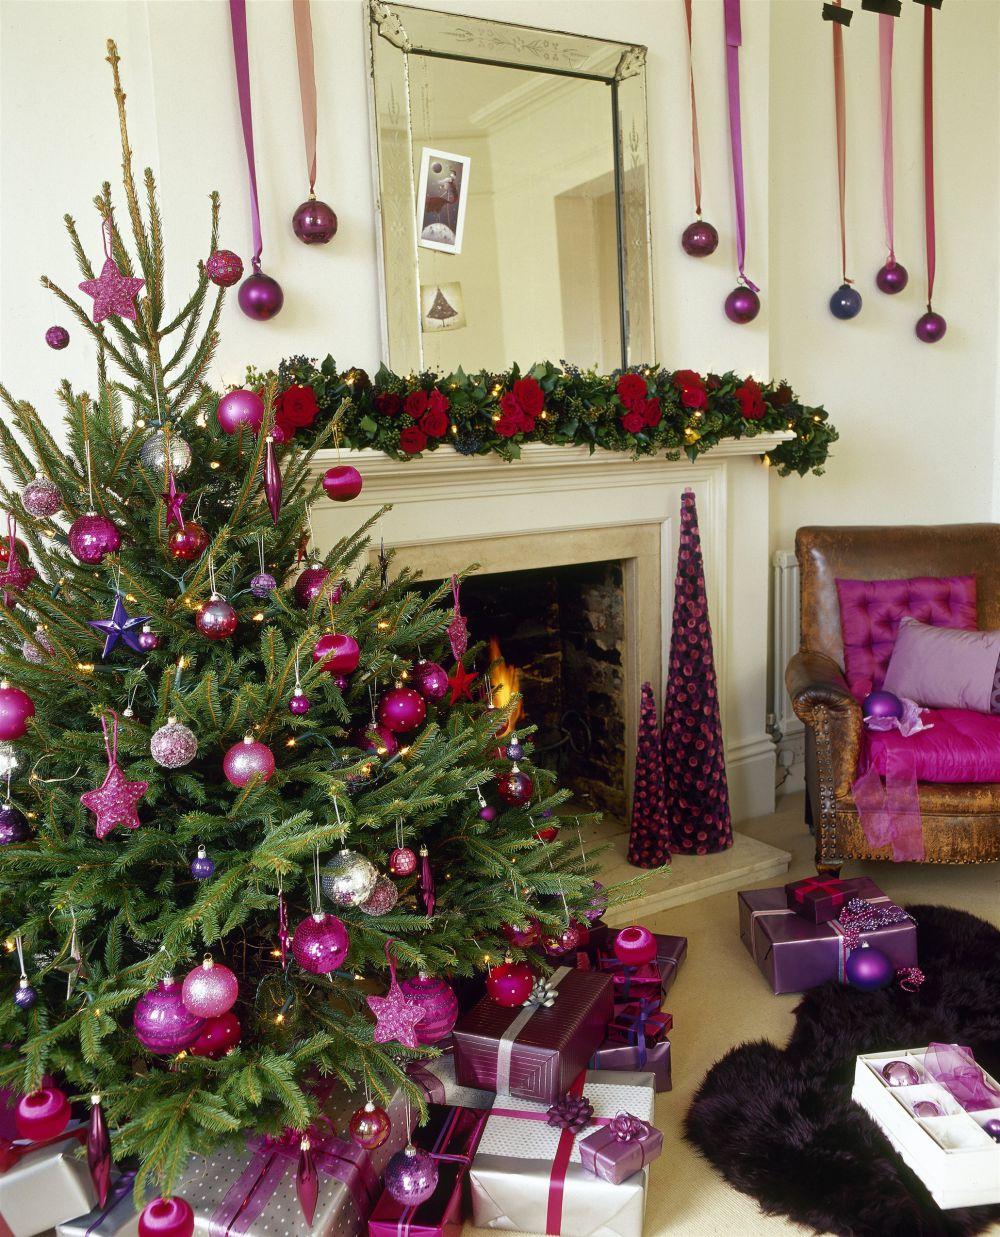 «Фиолетовый каскад». Всплеск всех оттенков фиолетового и розового цветов привнесут в празднование Нового года яркость. Цвет вдохновения и умиротворения. Используйте шары и звездочки для украшения новогоднего дерева. В таком же тоне выберите упаковочную бумагу для подарков